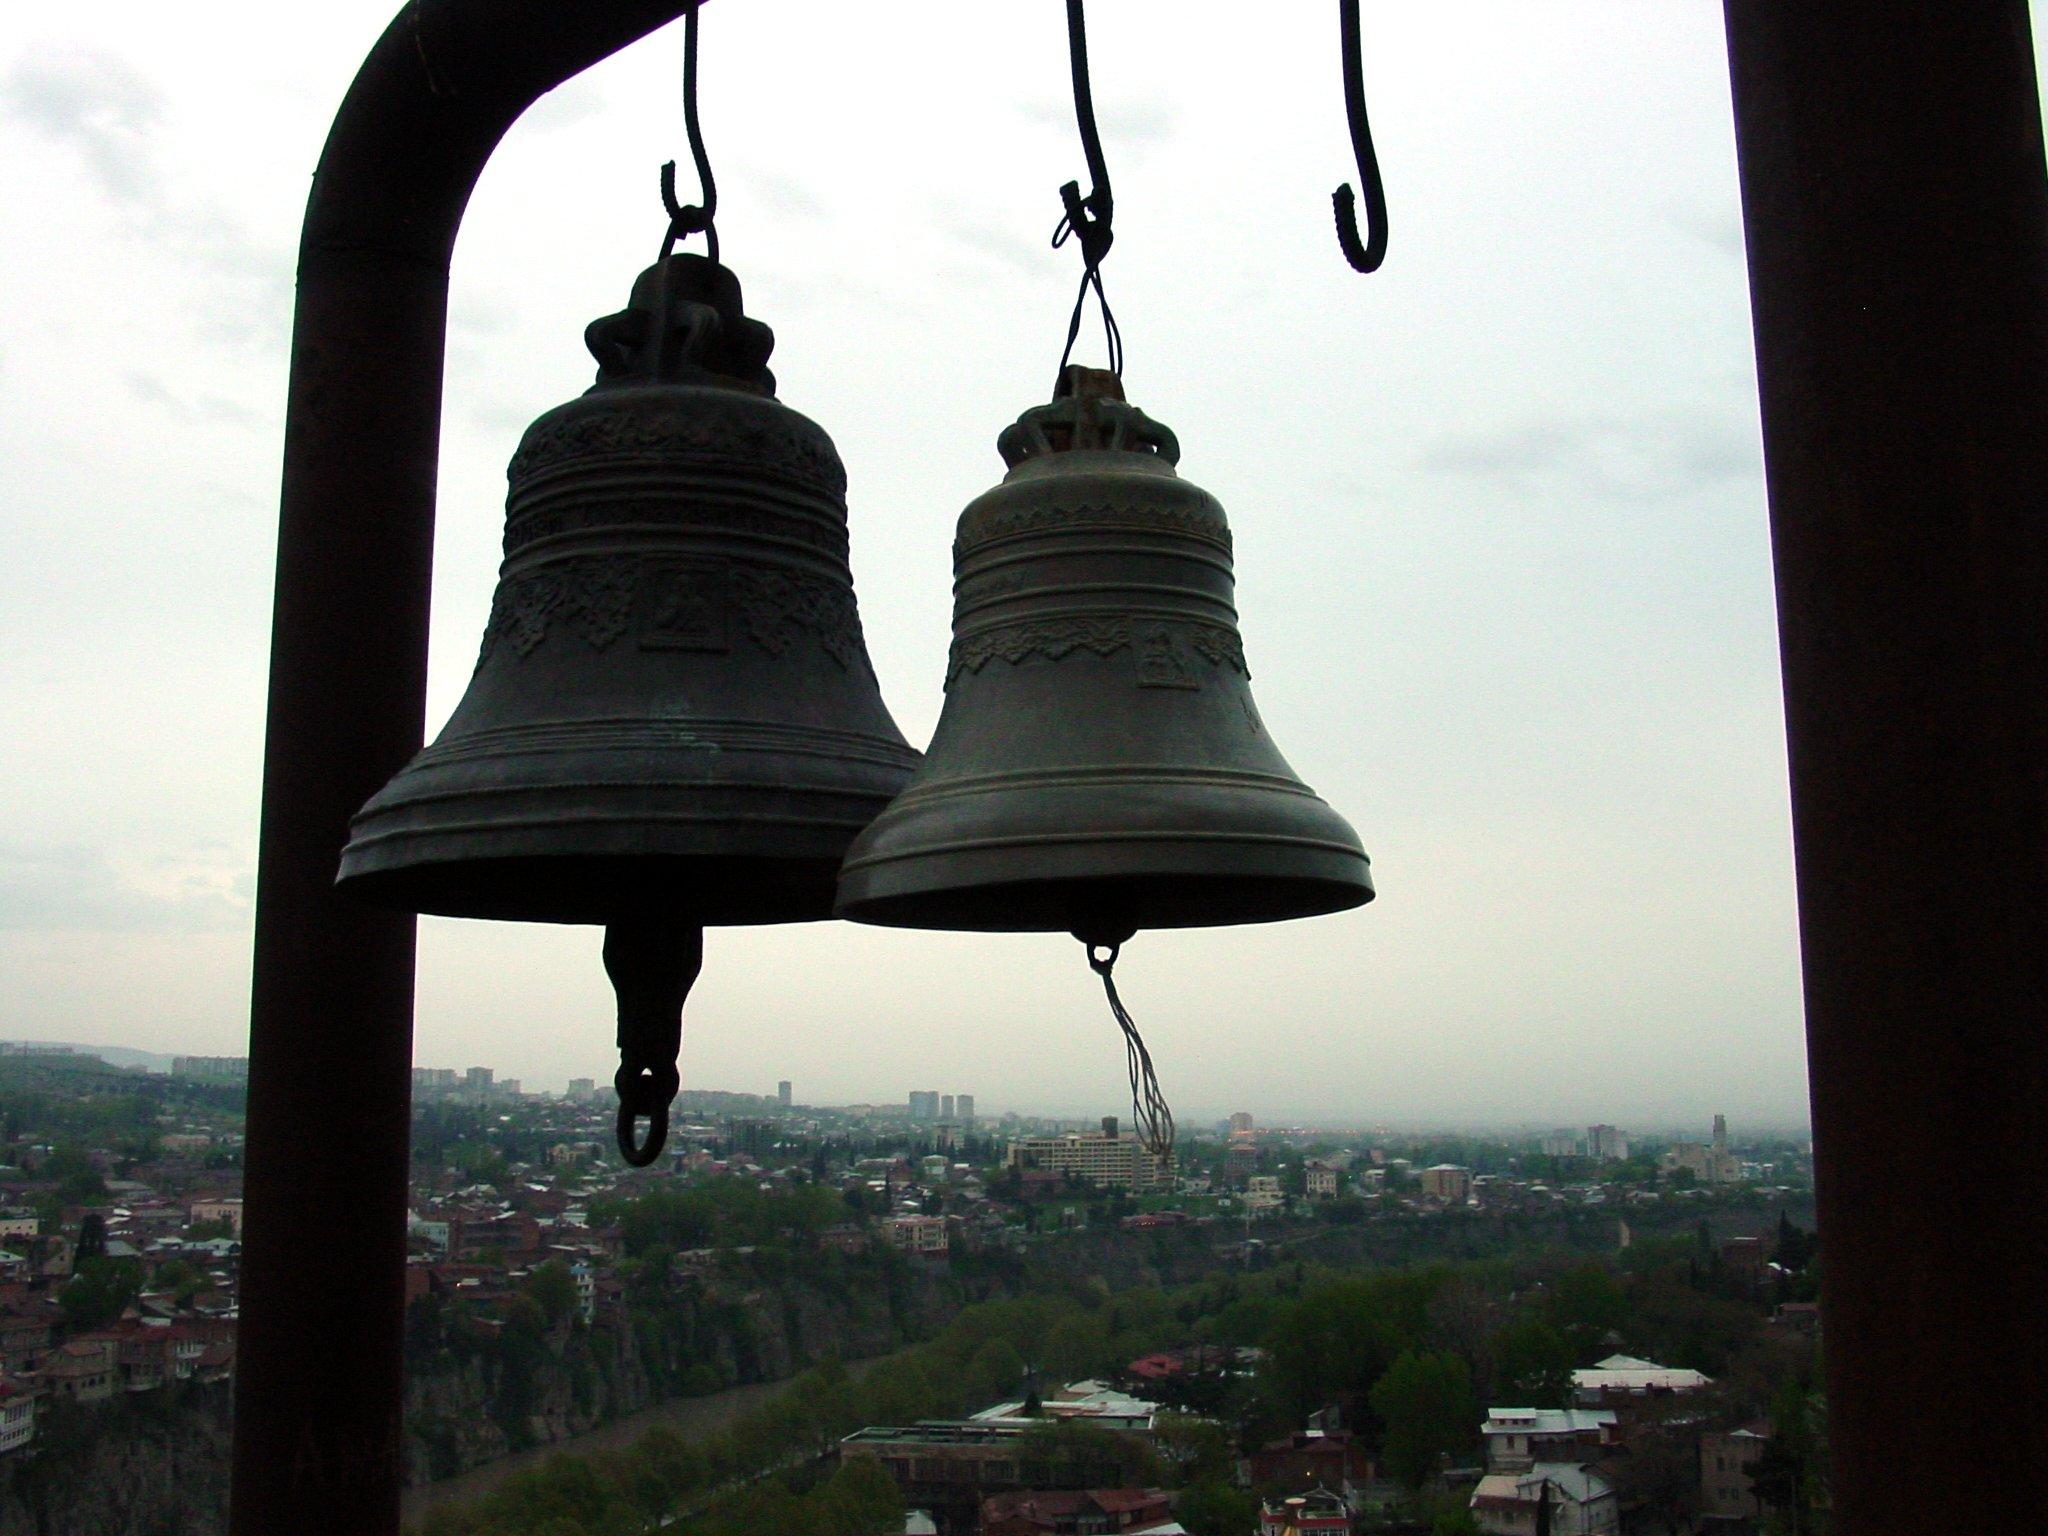 Resuenan las campanas